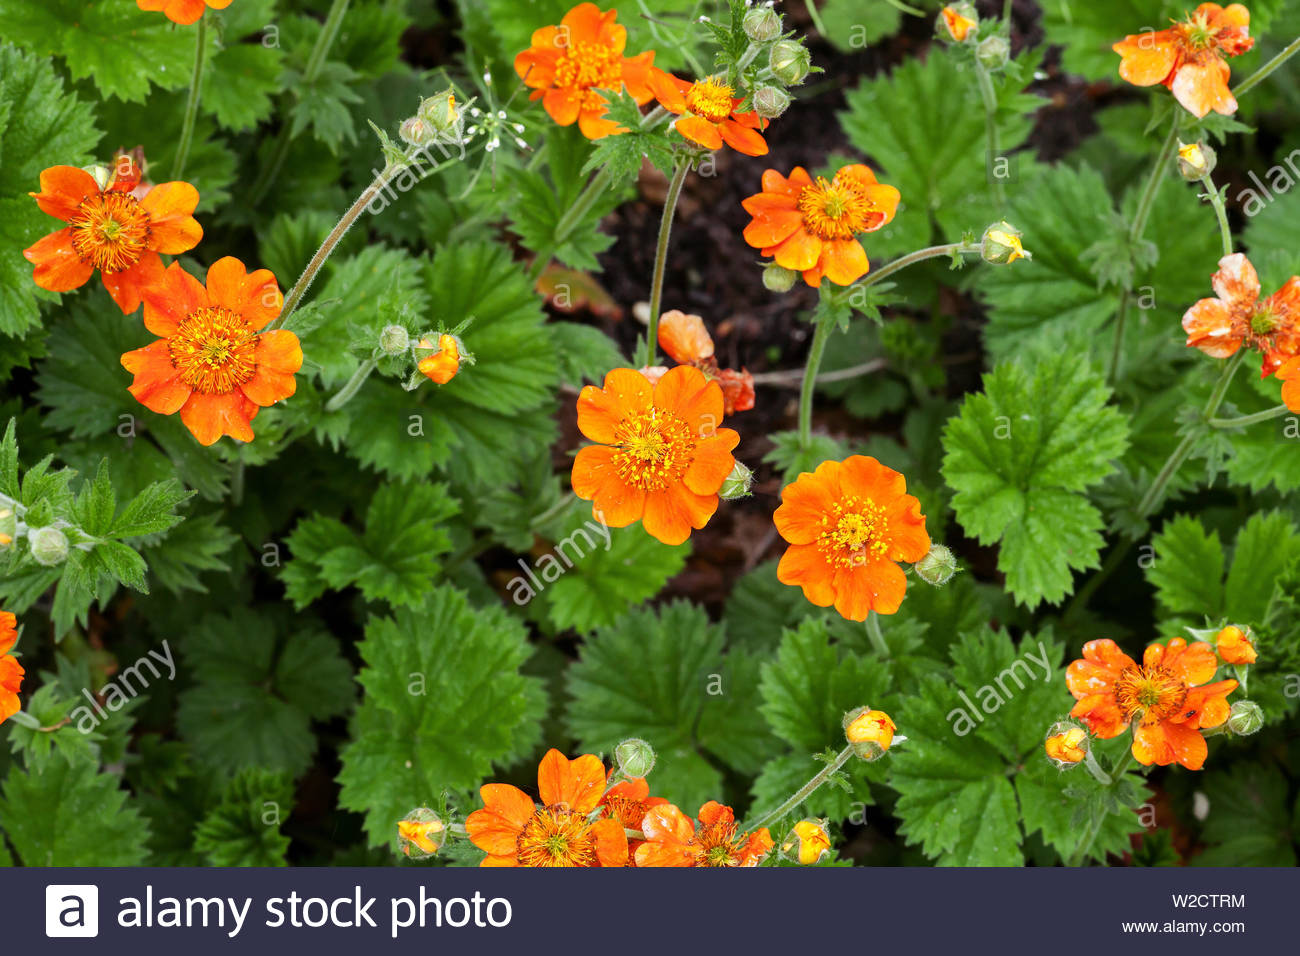 geum quellyon orange blumen wachsen im fruhling garten chilenische avens oder geum chiloense balb ex ser pflanzen ansicht von oben w2ctrm